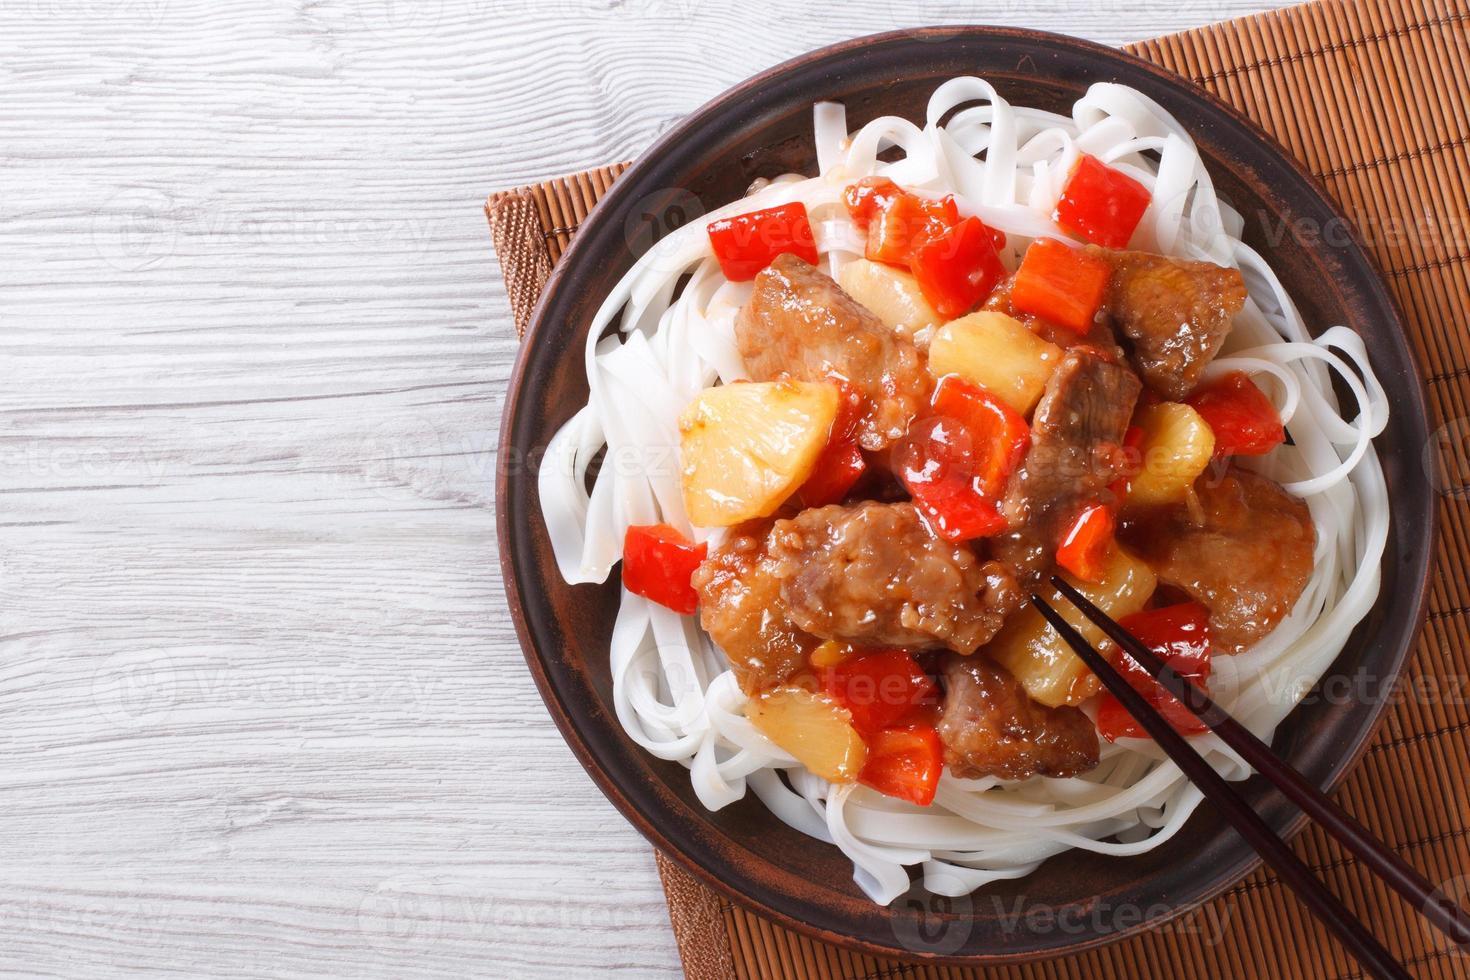 carne de porco em molho agridoce com vista superior de macarrão foto